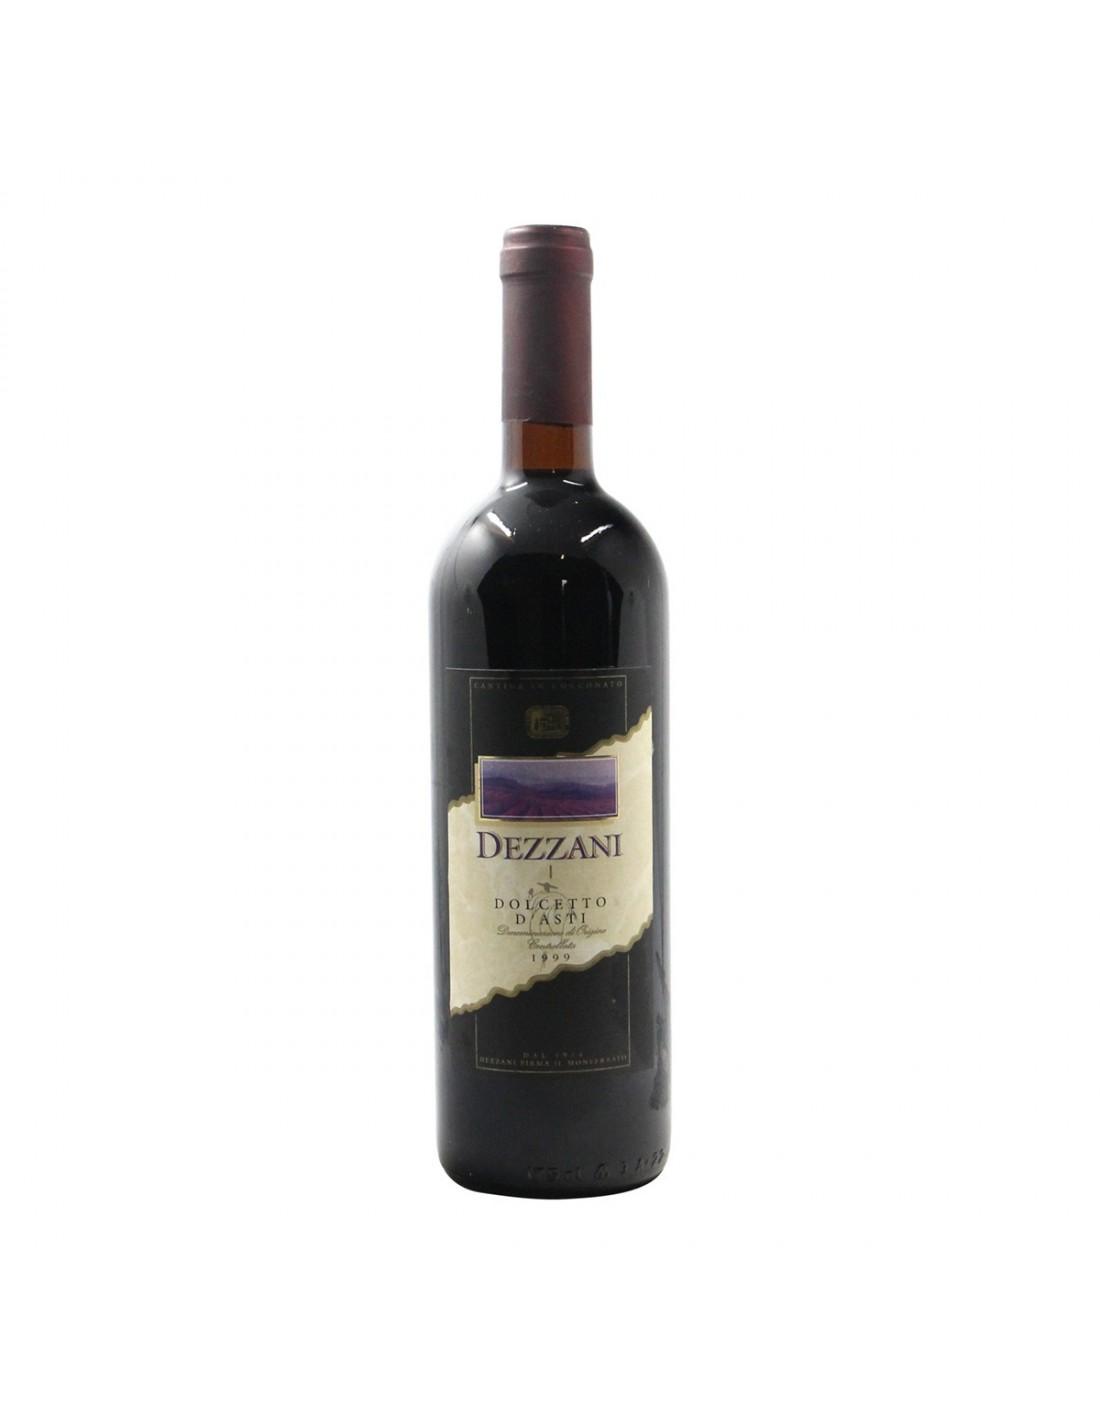 DOLCETTO D'ASTI 1999 DEZZANI Grandi Bottiglie